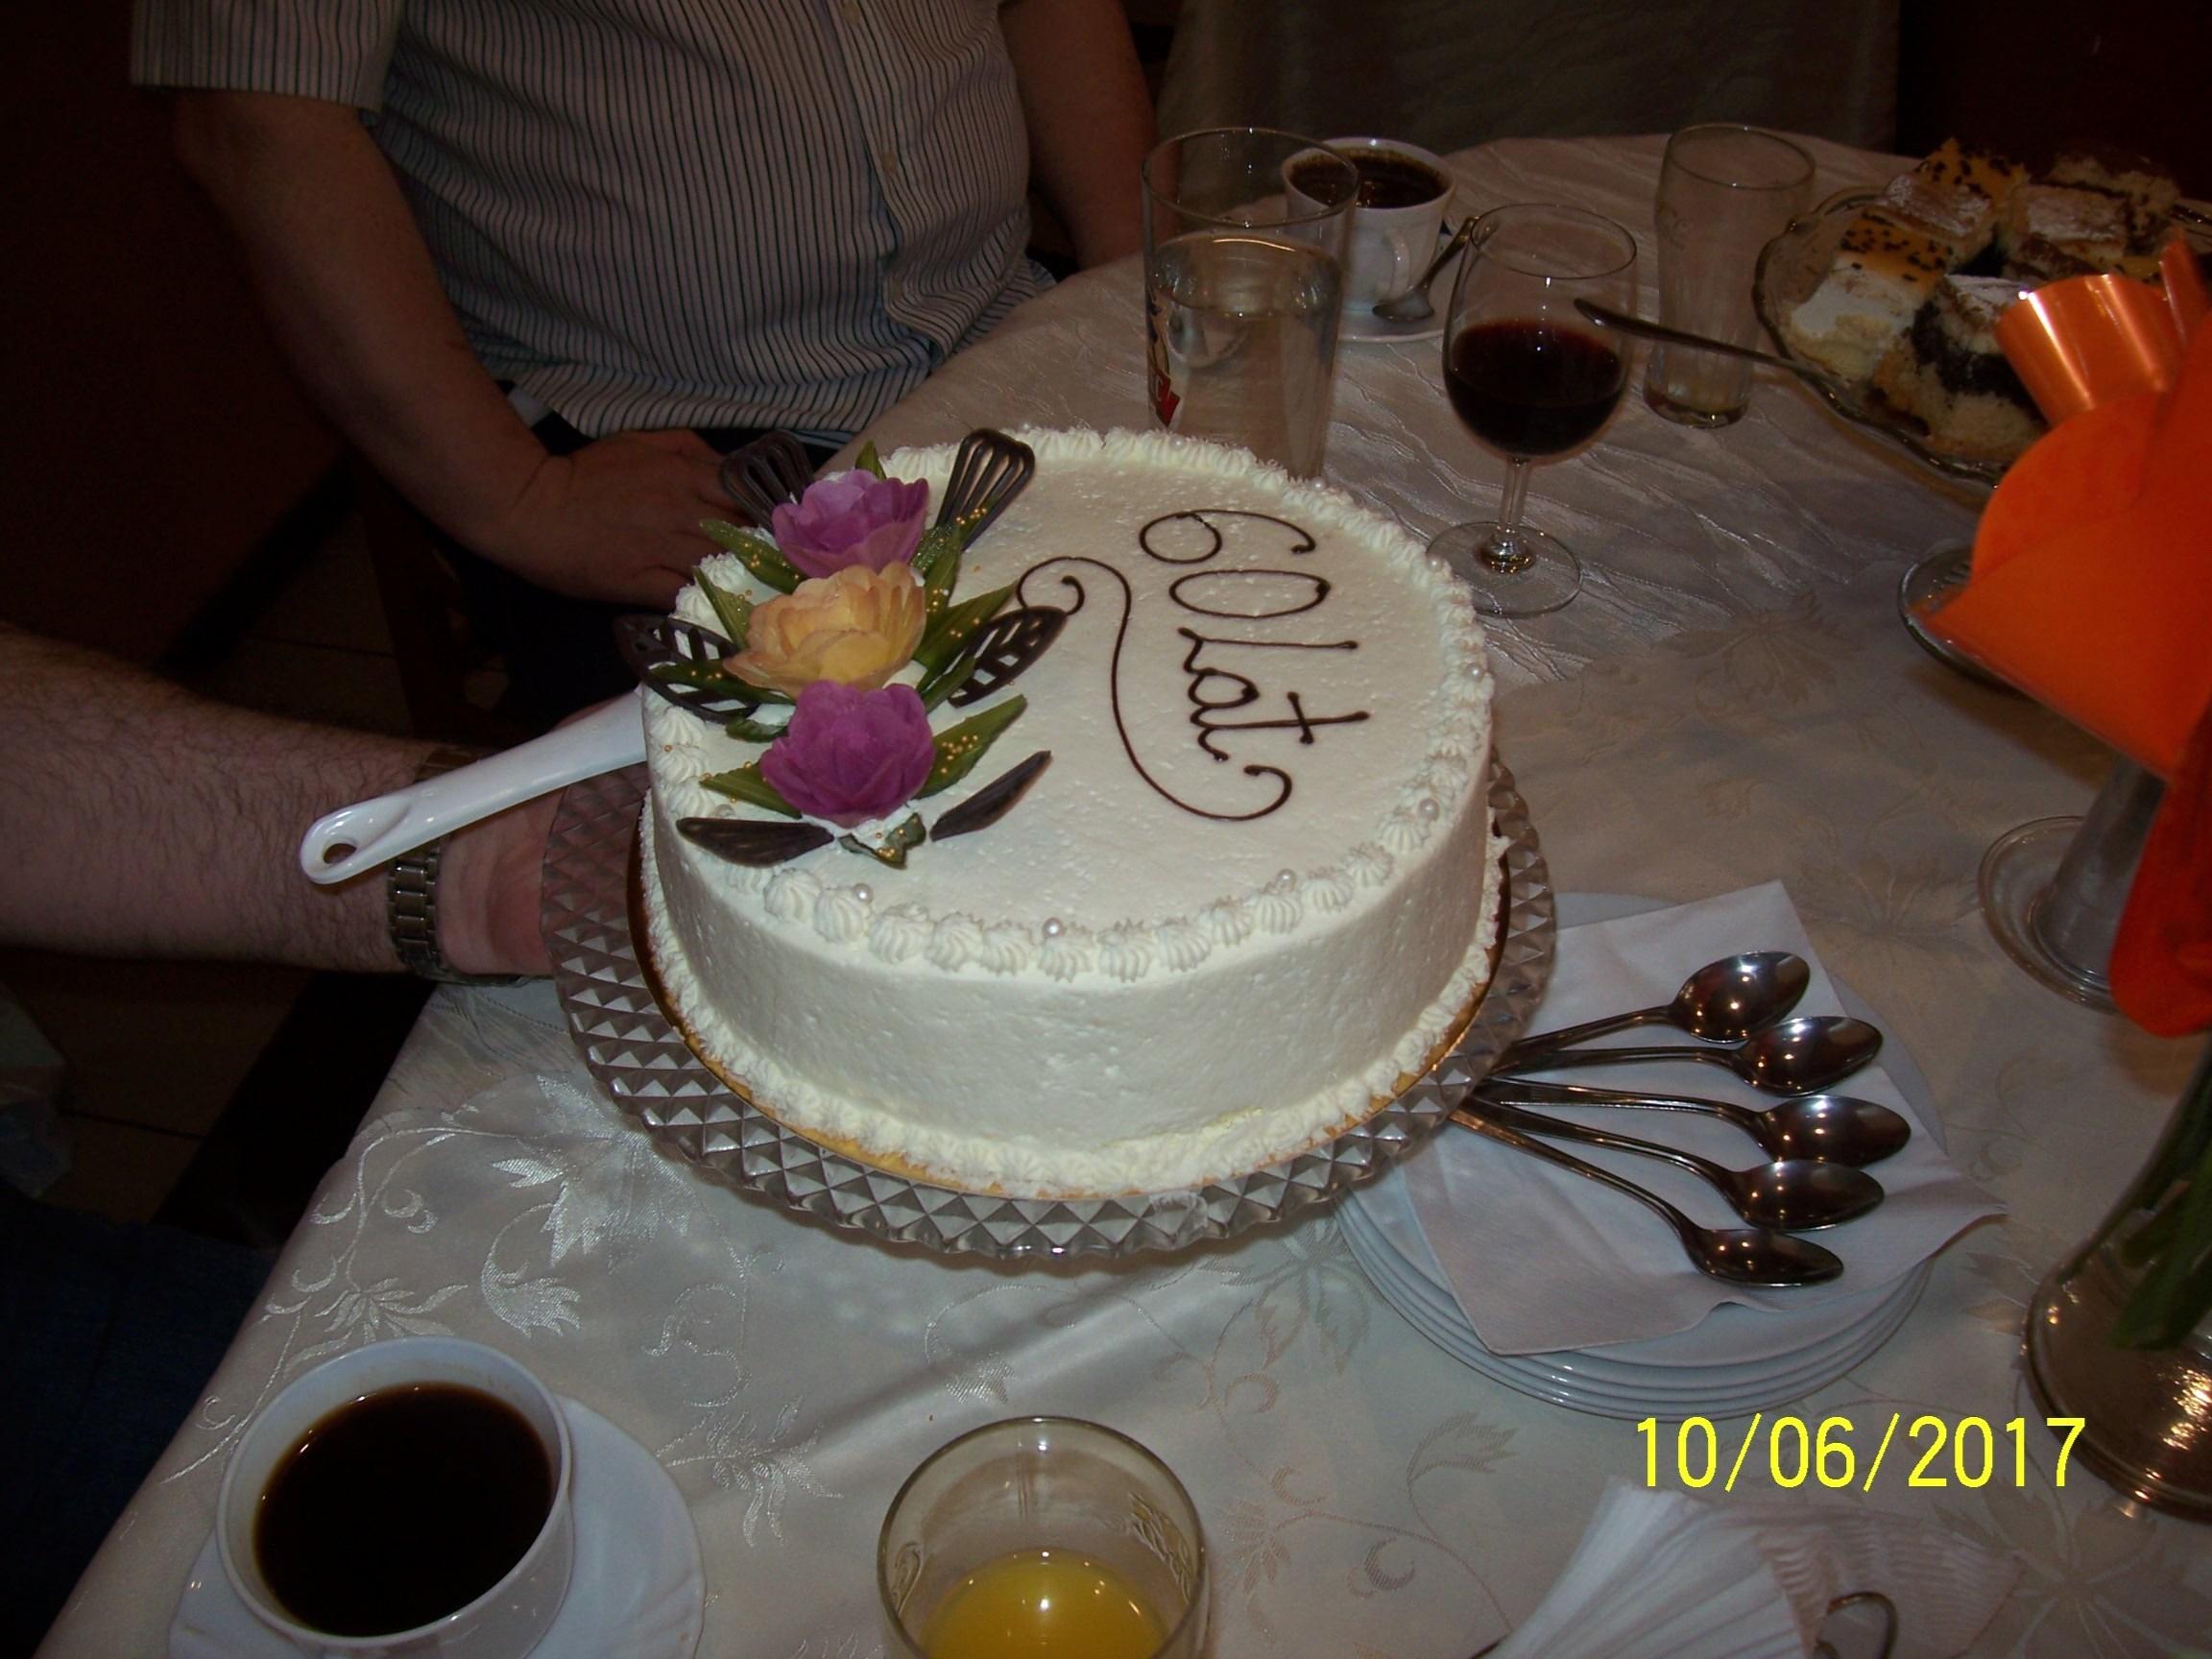 �y�b9��d�9���>ZInZY_co yczylibycie mczynie w dniu urodzin?